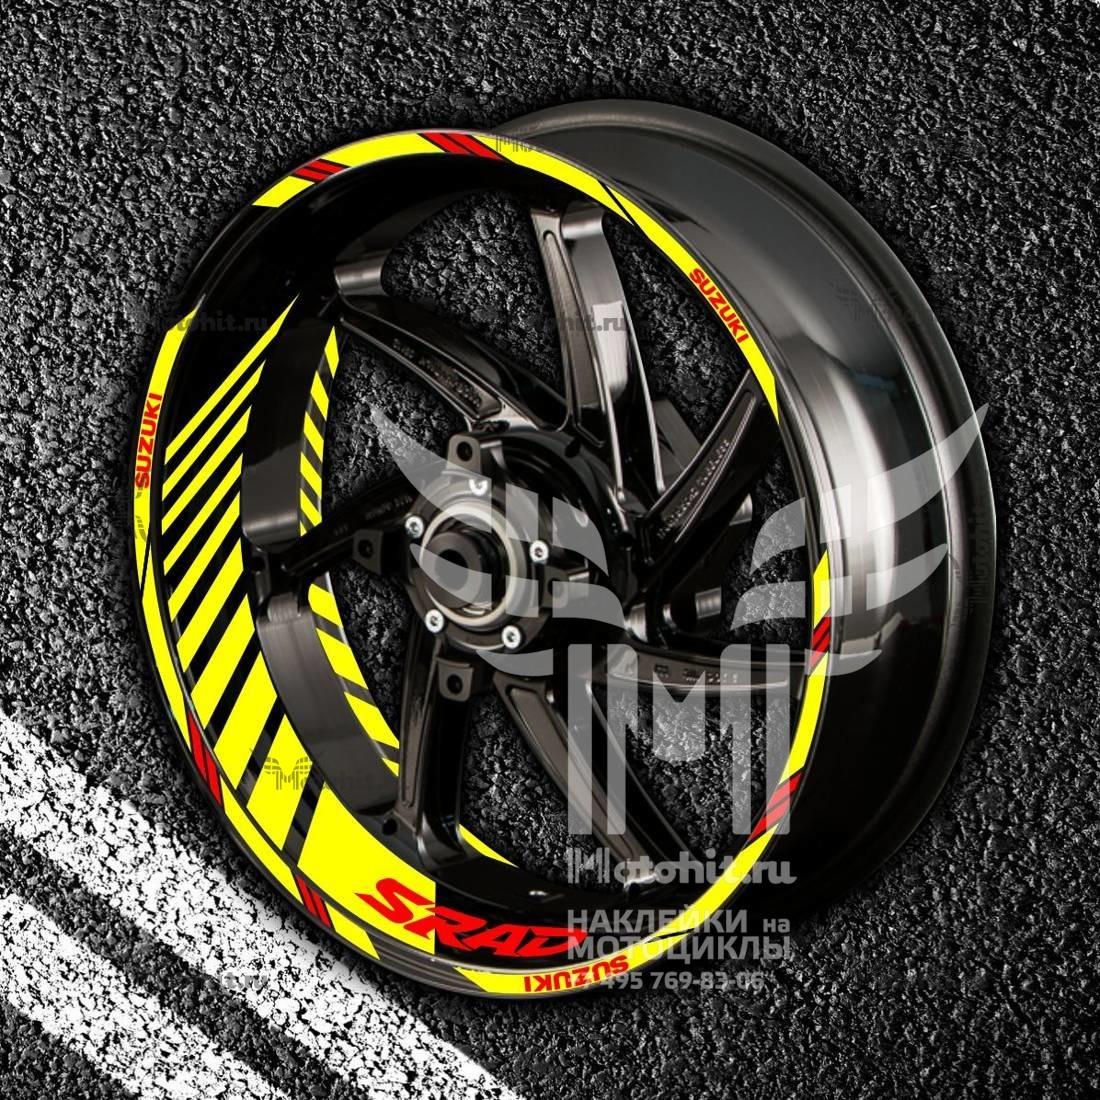 Комплект наклеек с полосами на колеса мотоцикла SUZUKI SRAD